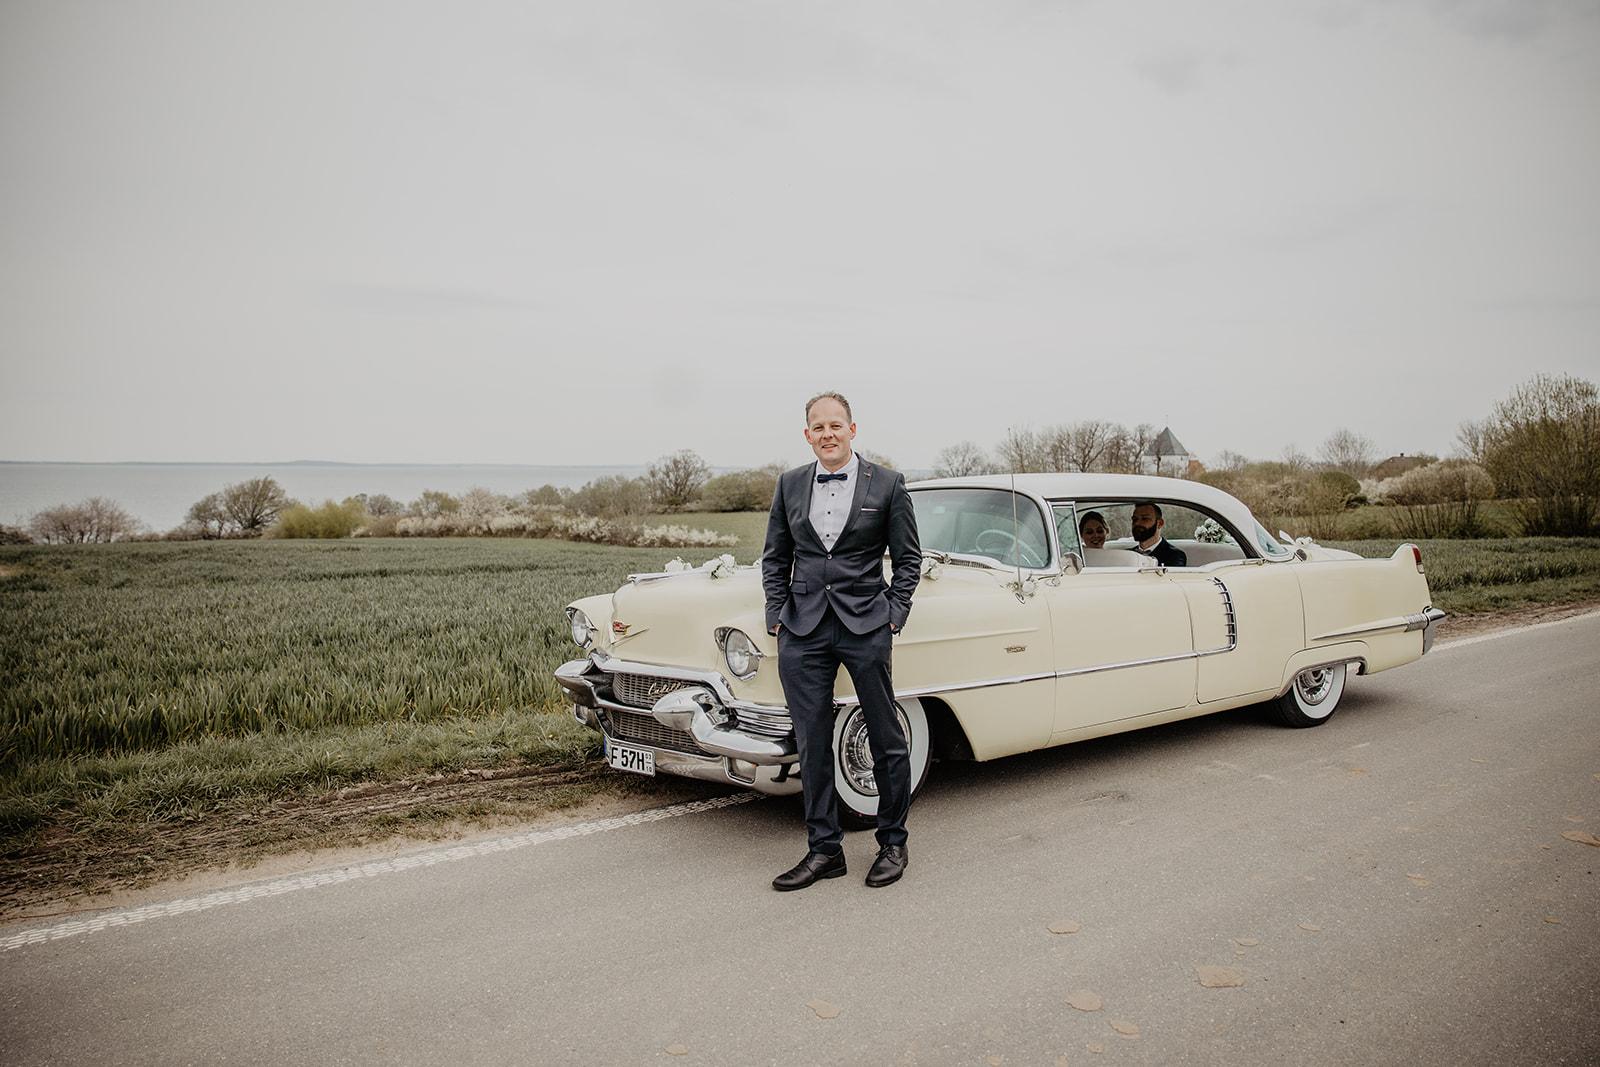 1956er Cadillac Deville mit Chauffeur